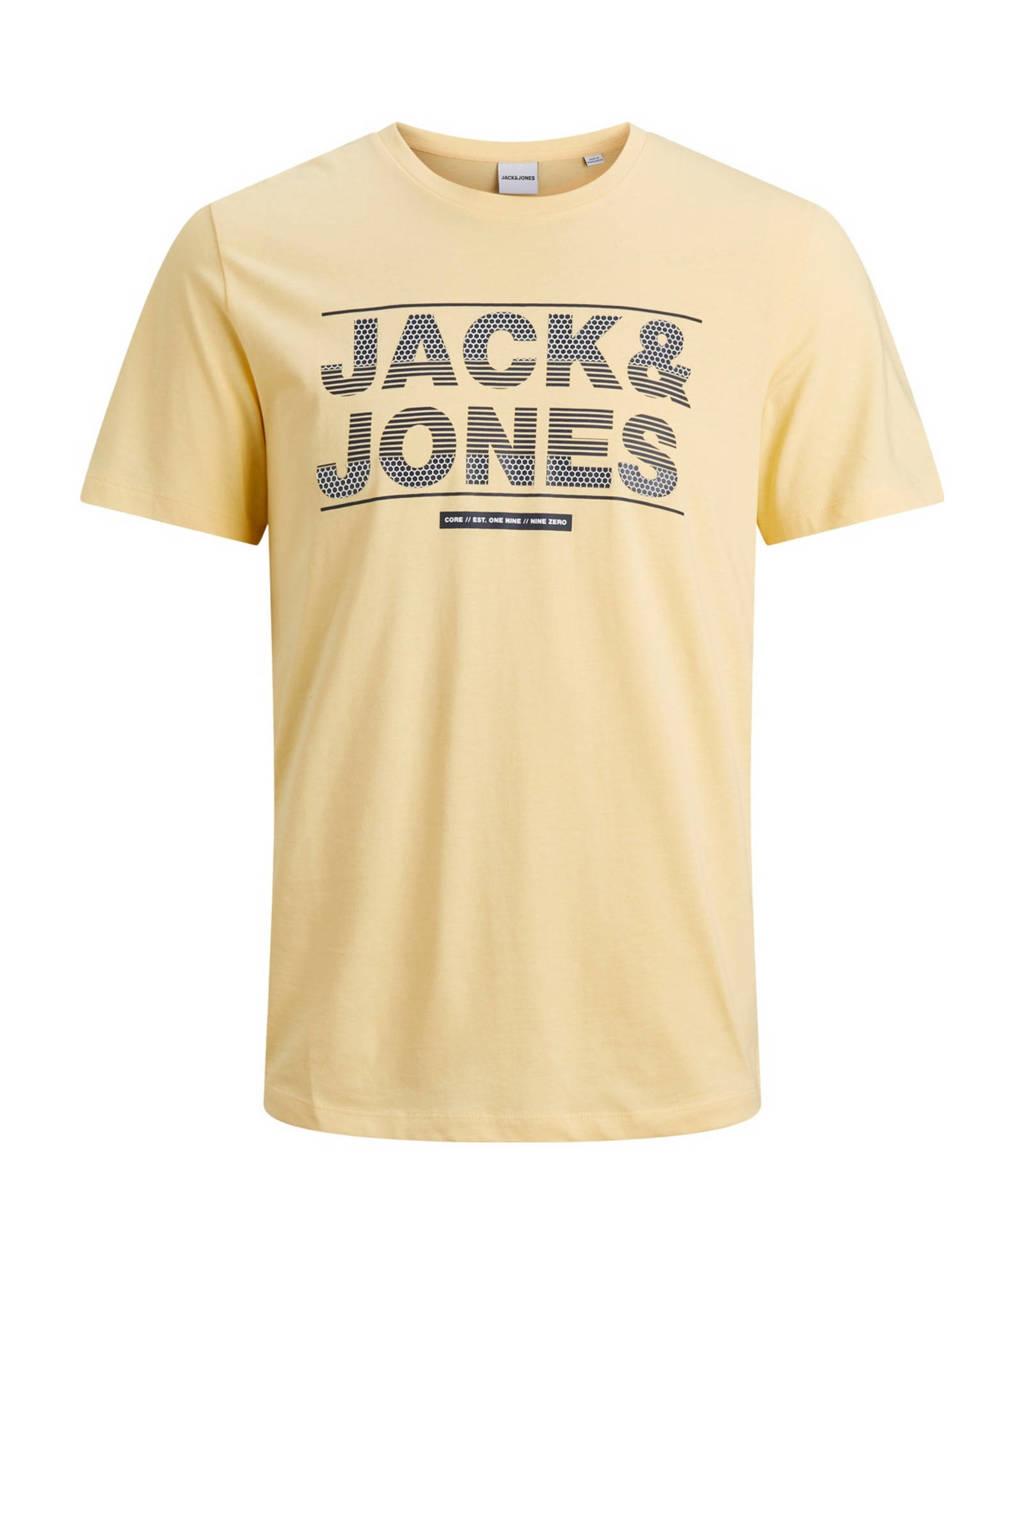 JACK & JONES JUNIOR T-shirt Mount met logo lichtgeel/zwart, Lichtgeel/zwart